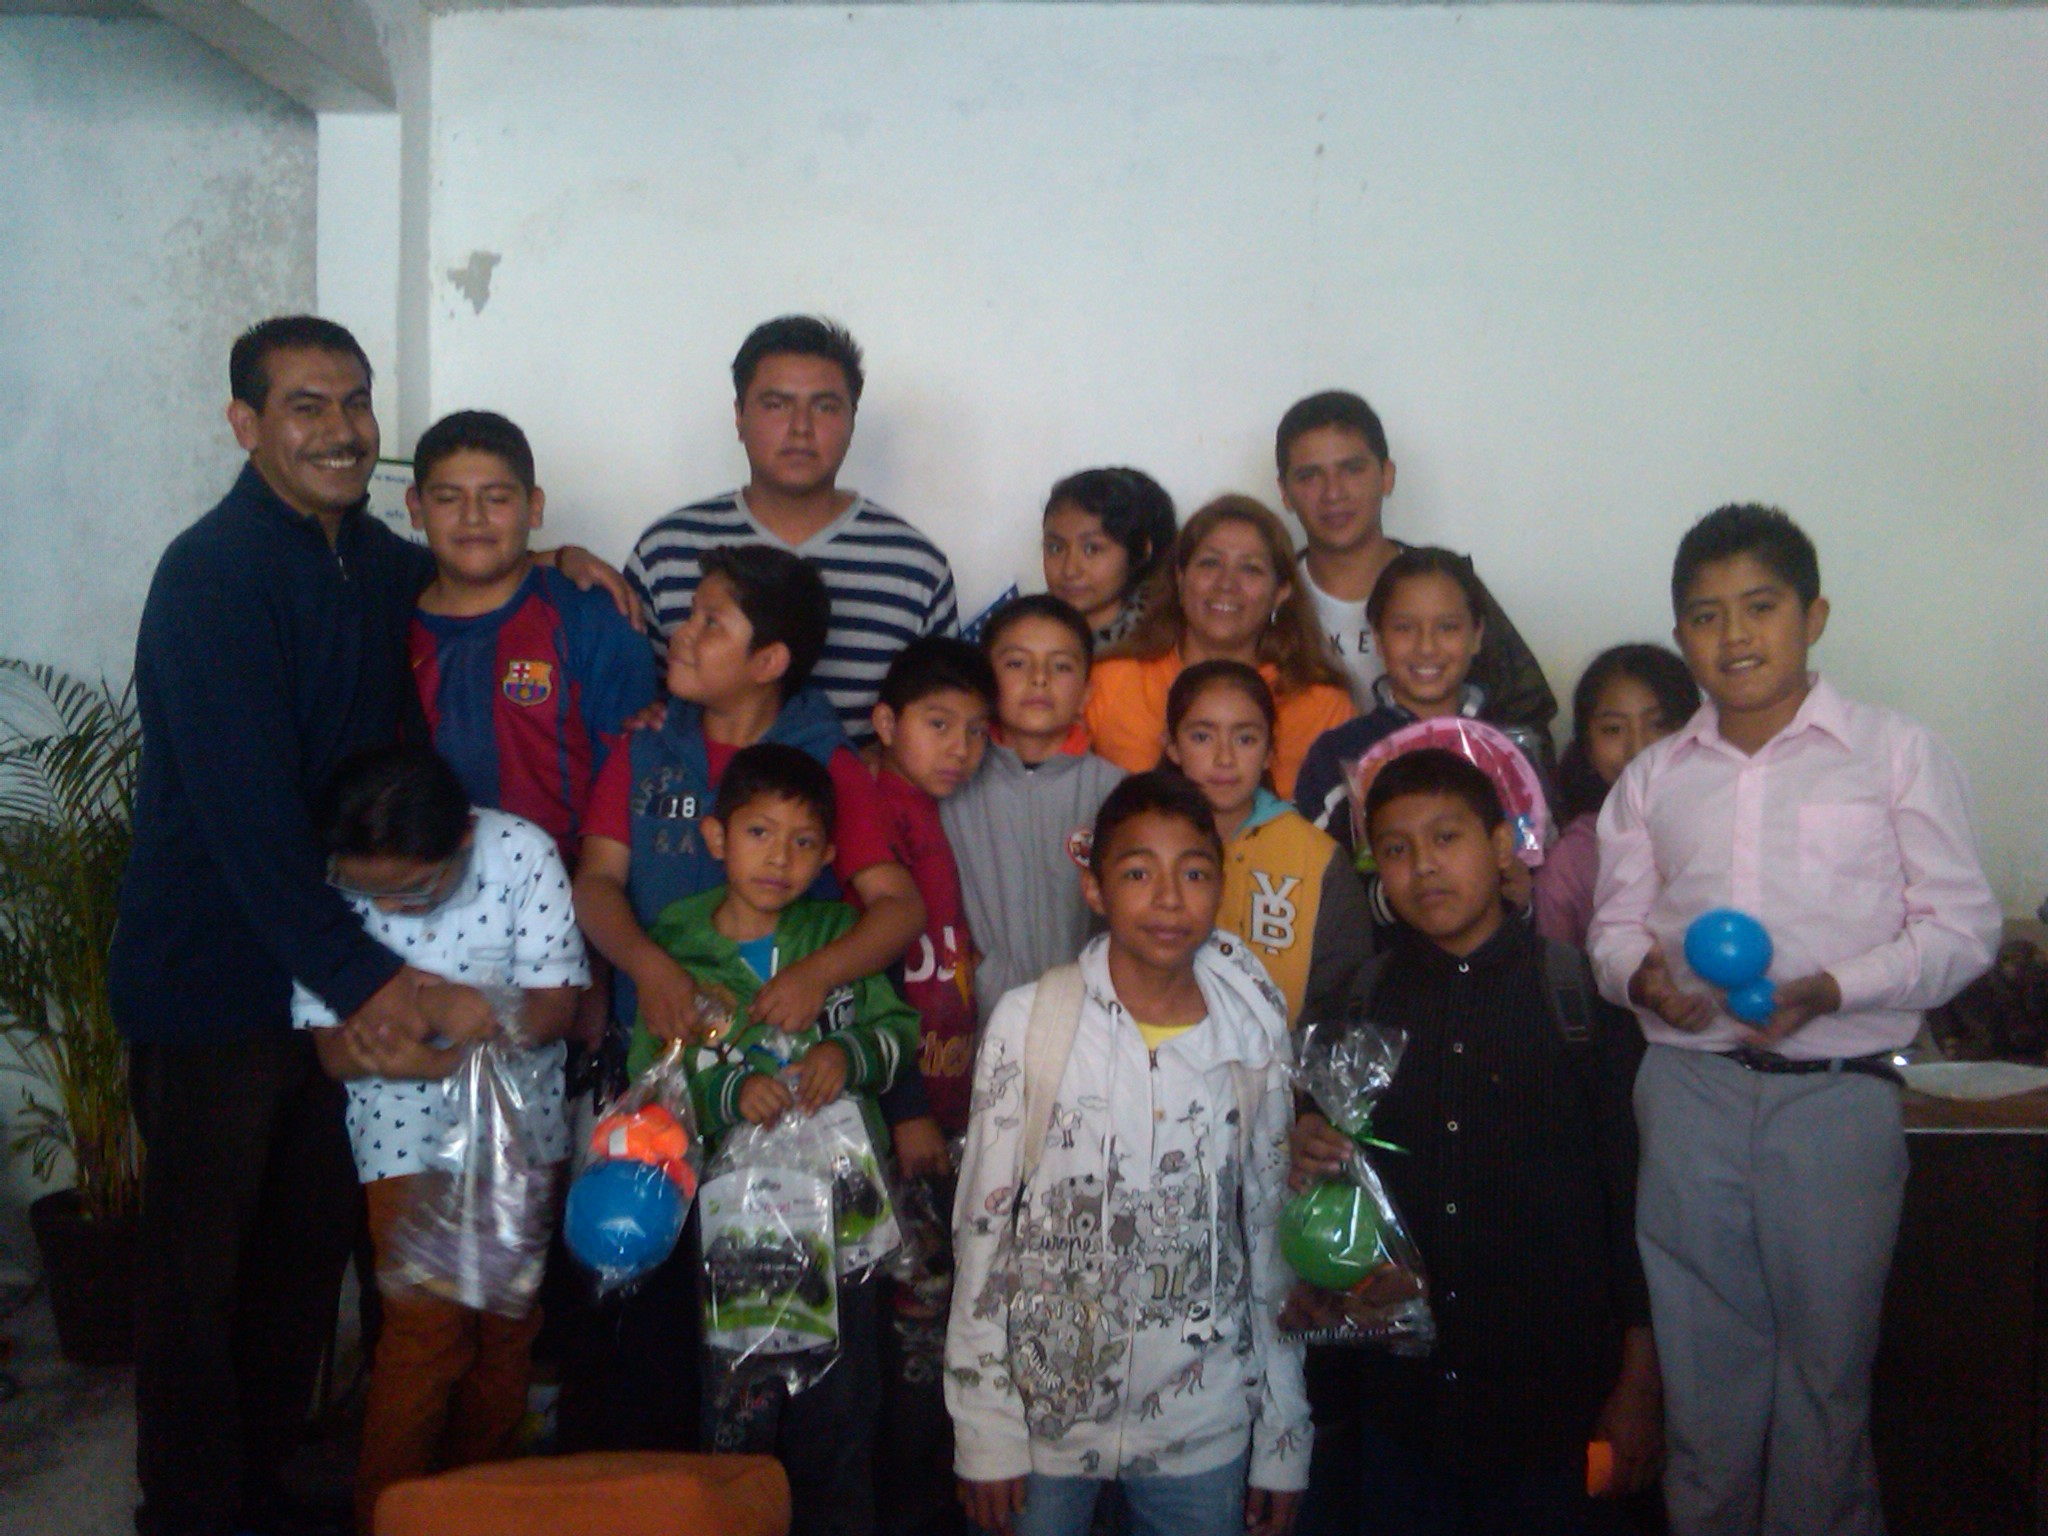 Educación_para_la_paz,_desarrollo_humano_1